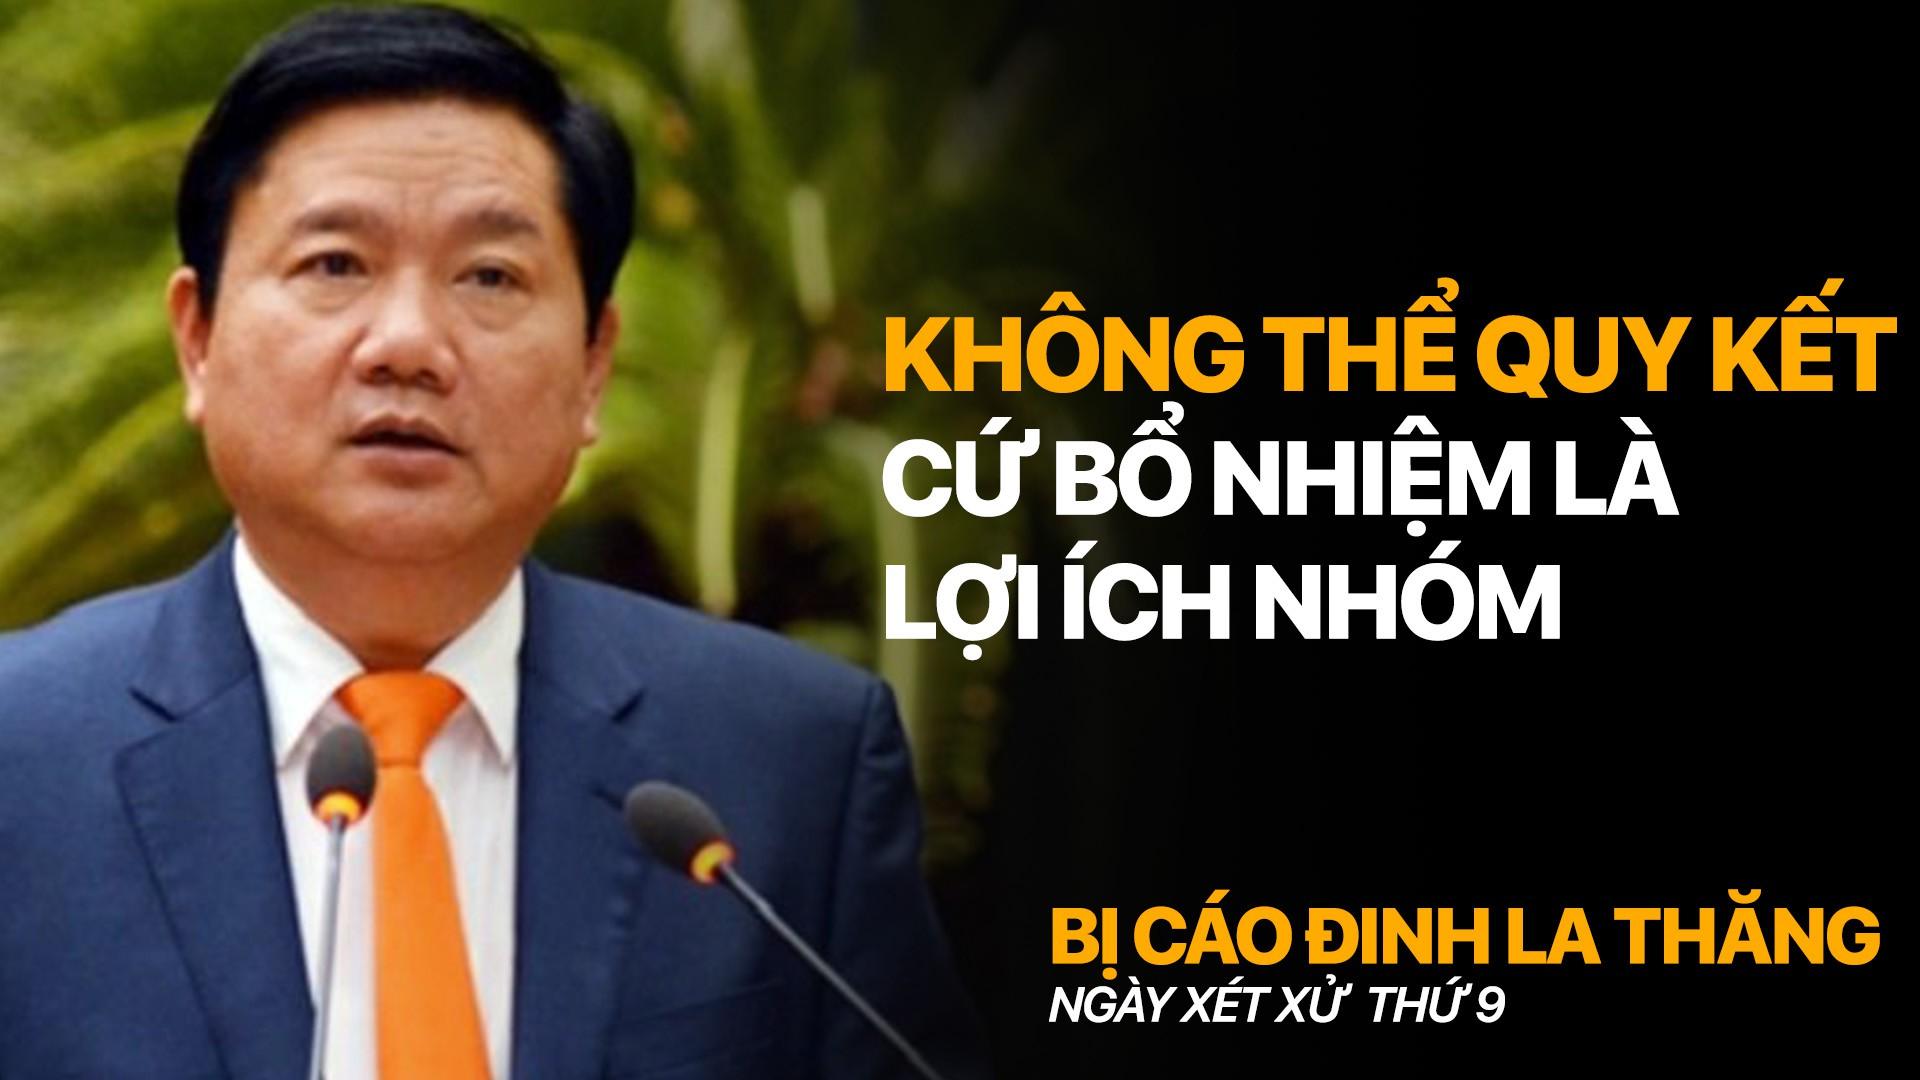 """Bị cáo Đinh La Thăng: """" Không thể quy kết cứ bổ nhiệm là lợi ích nhóm """""""